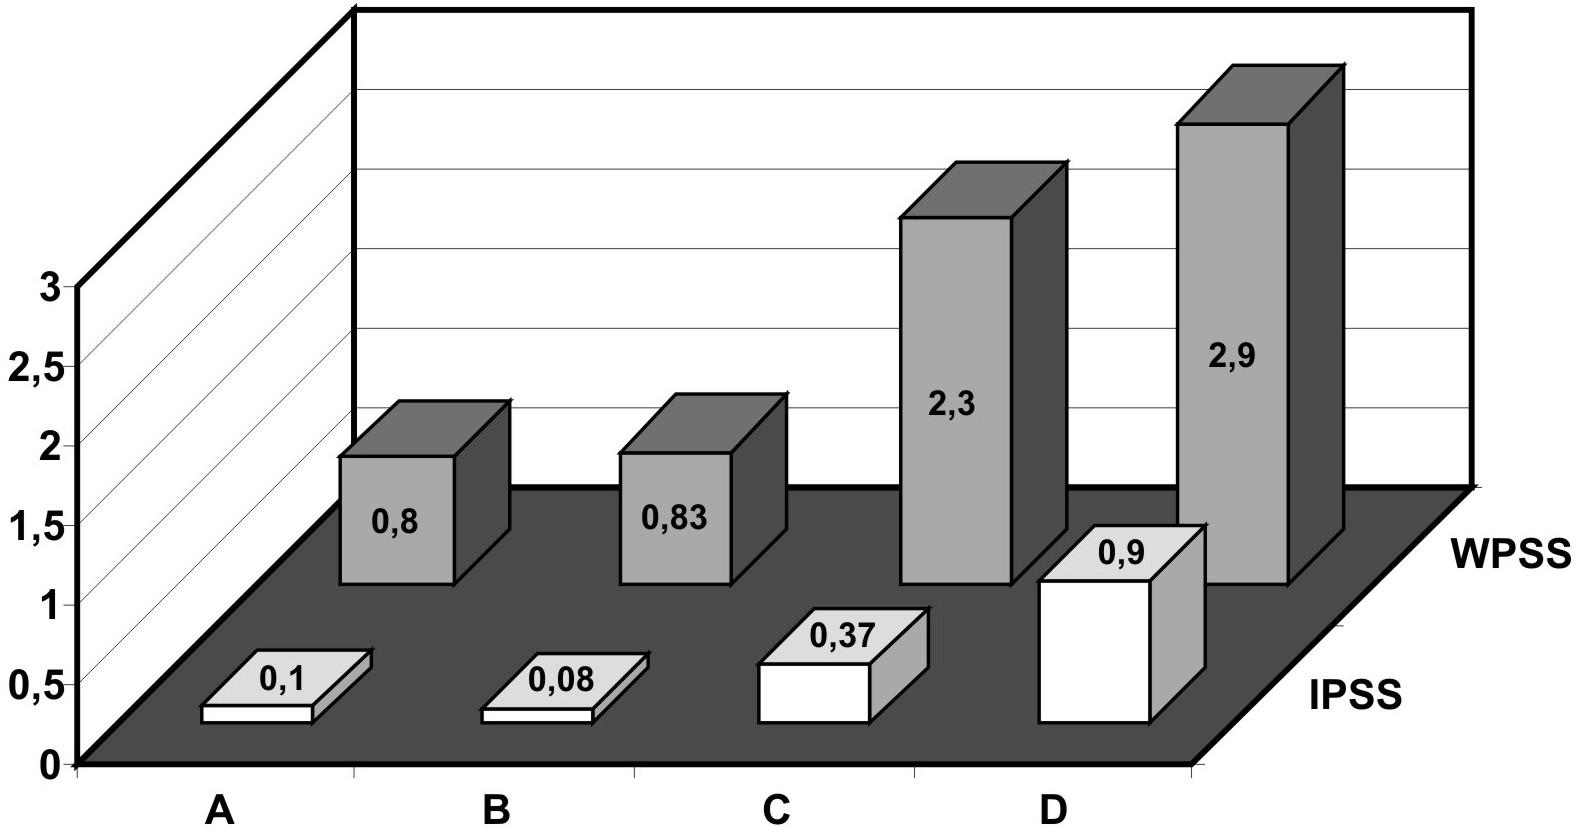 Průměrné hodnoty IPSS a WTSS ve skupinách A-D.